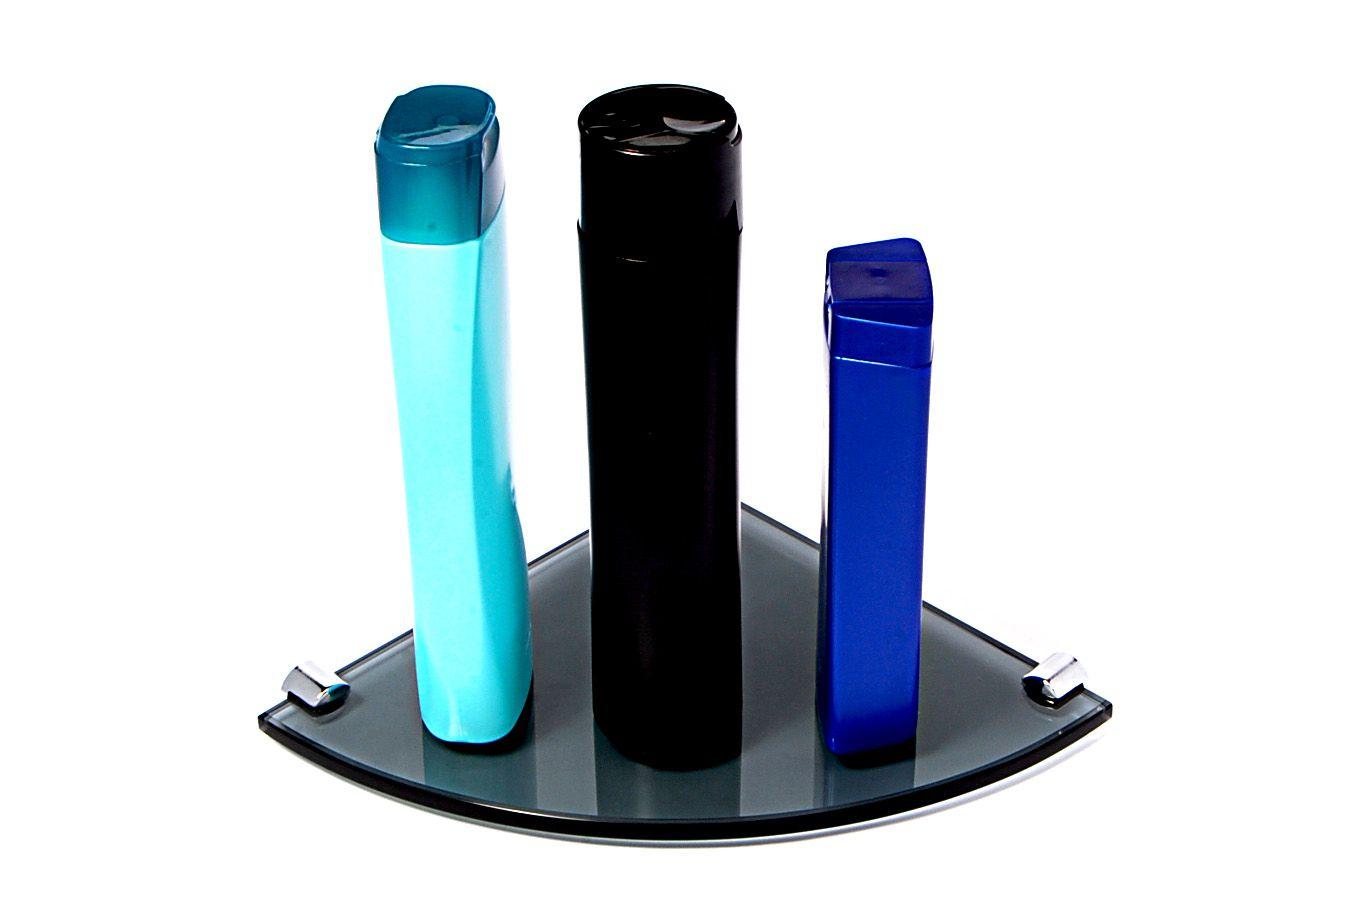 Porta Shampoo de Canto Curvo em Vidro Fumê Lapidado - Aquabox  - 20cmx20cmx8mm